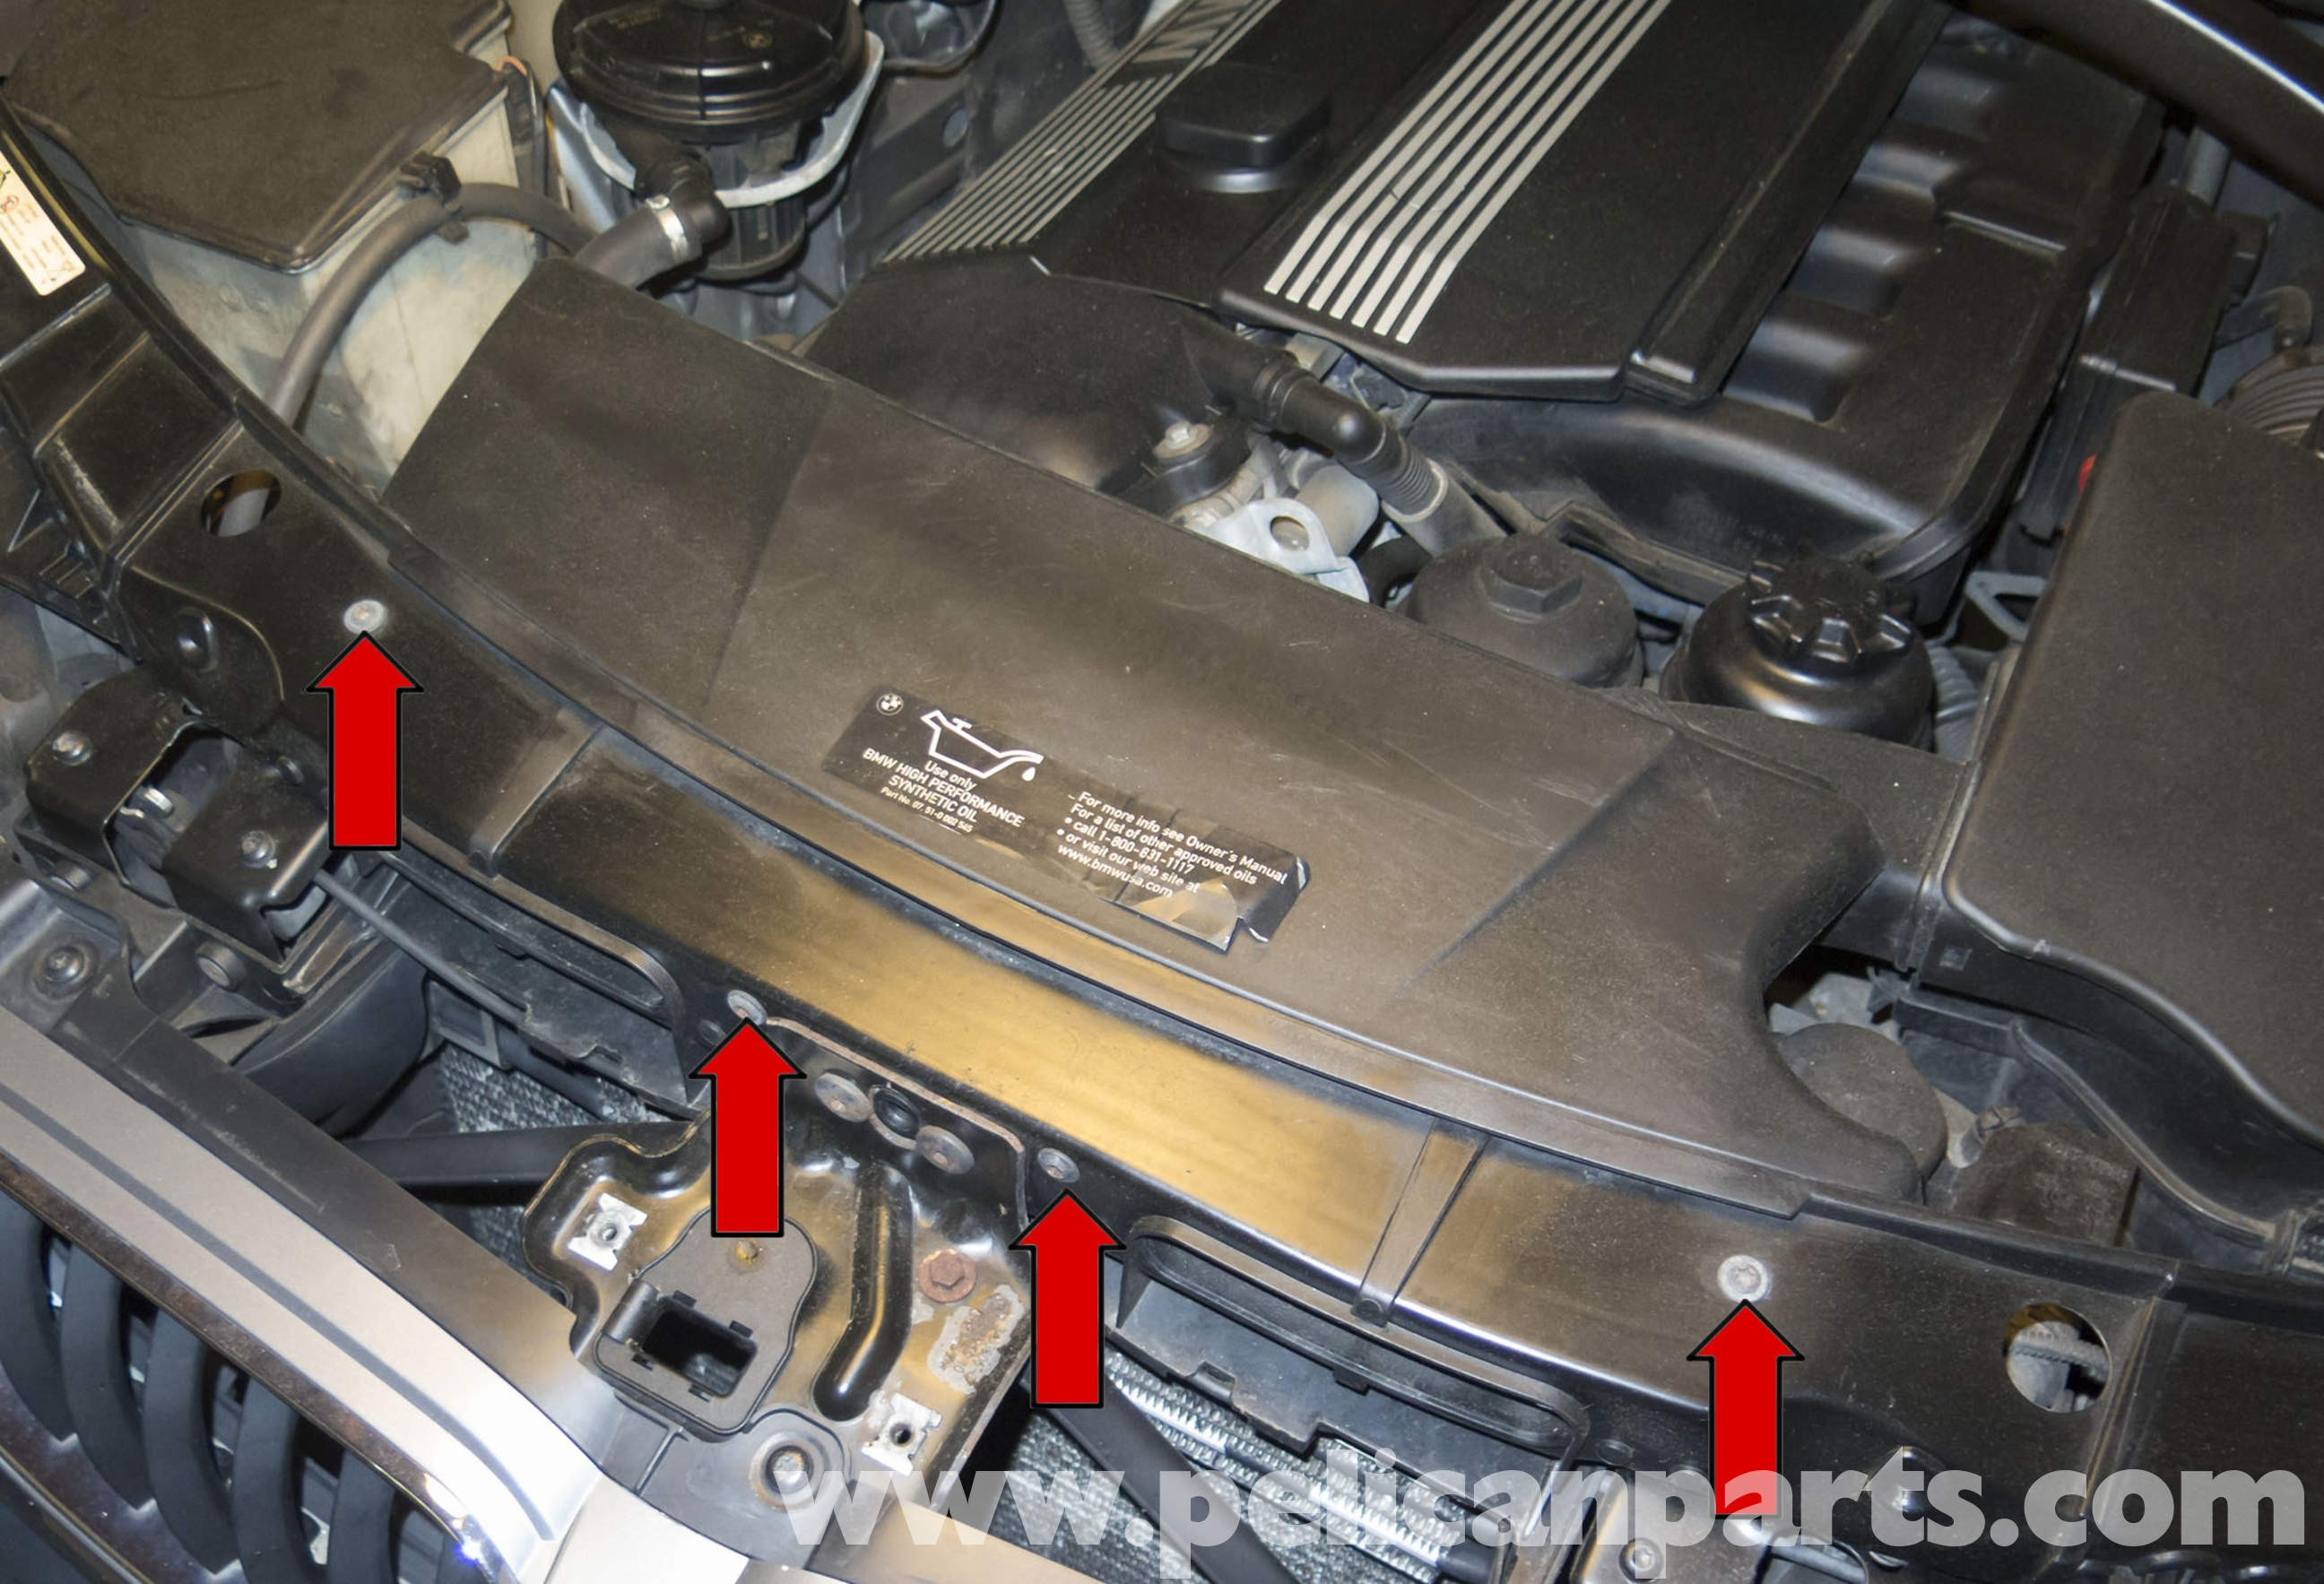 2008 Bmw 328i Engine Diagram Bmw X3 Parts Diagram Trusted Wiring Diagram Of 2008 Bmw 328i Engine Diagram